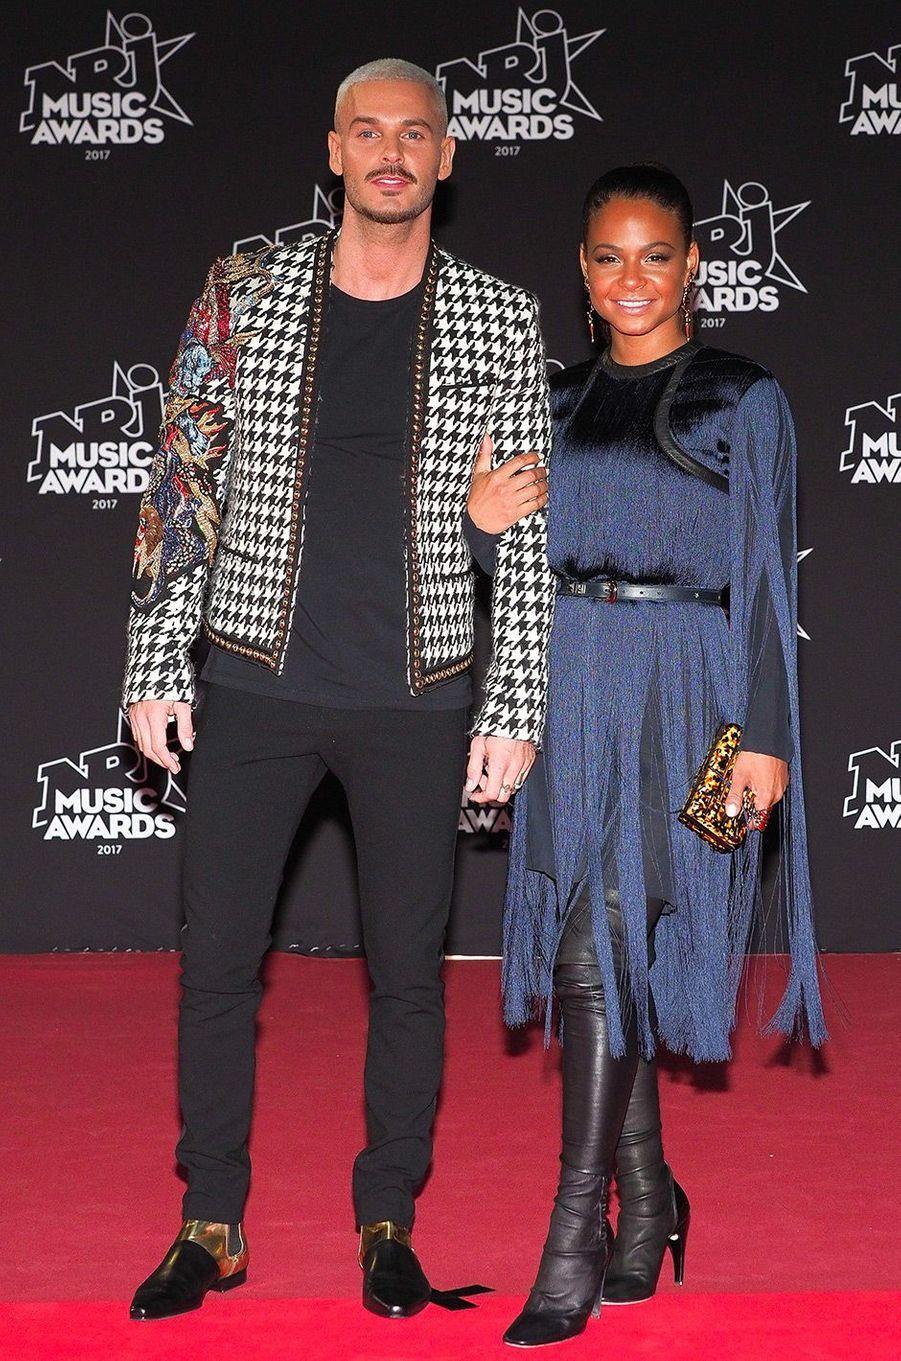 Matt Pokora et Christina Milian aux NRJ Music Awards, samedi 4 novembre